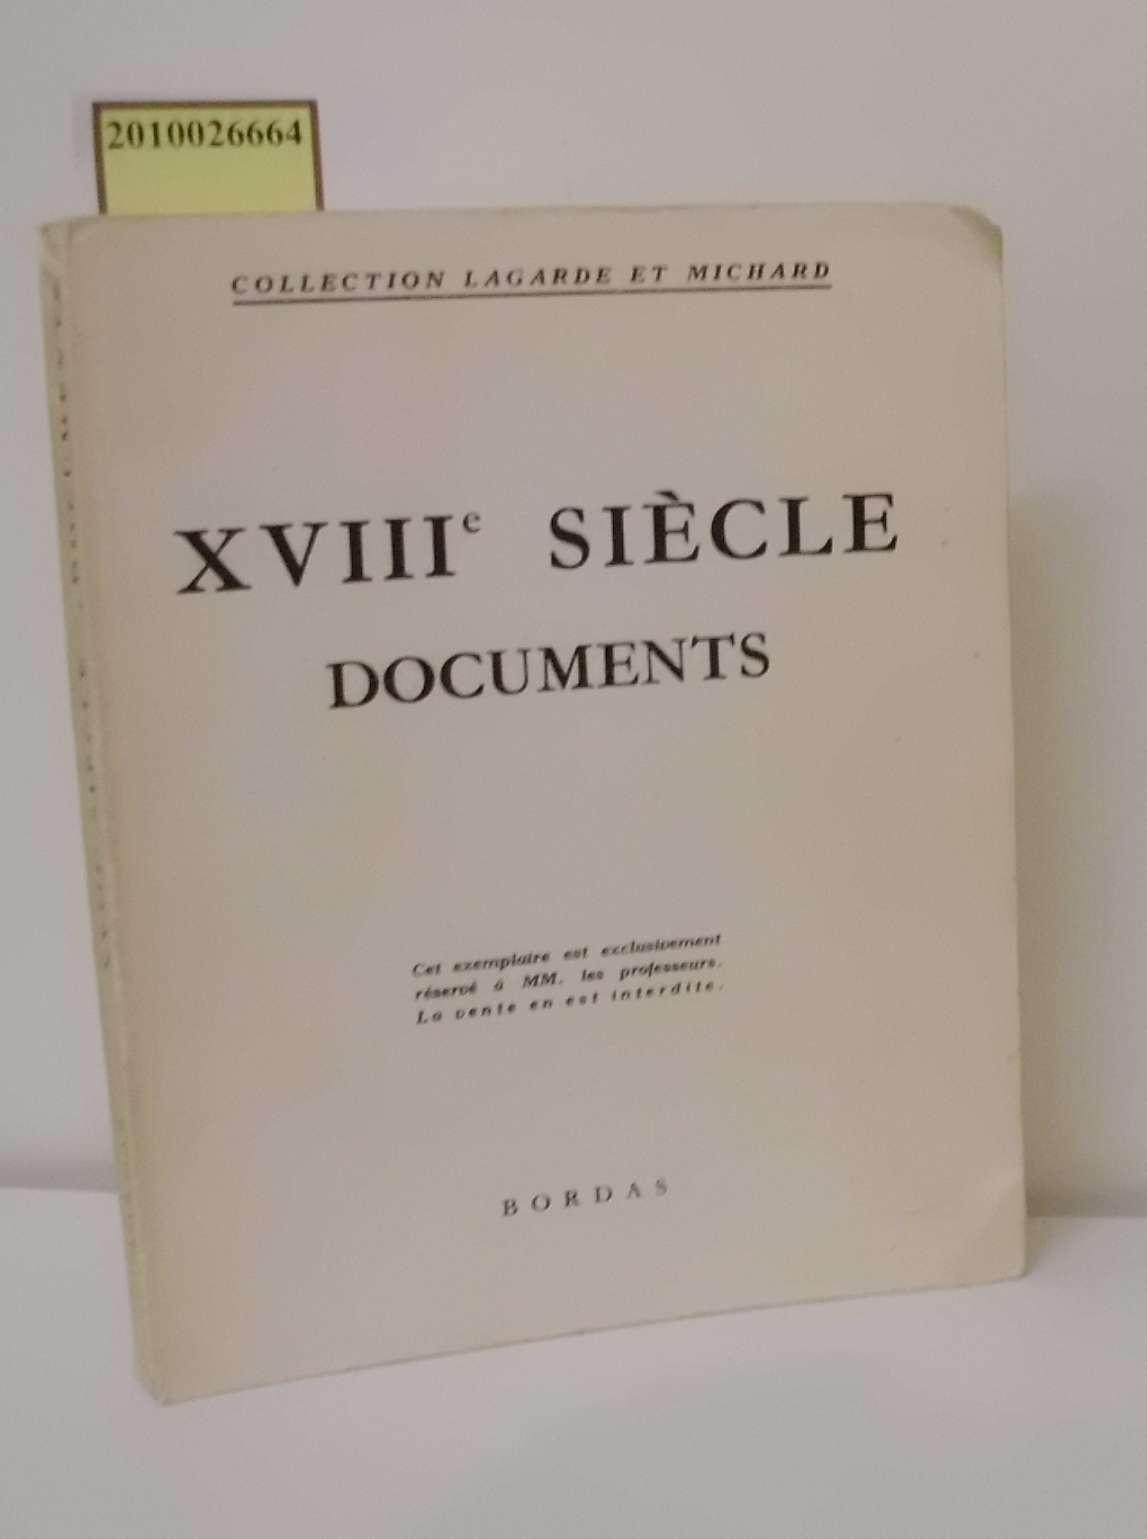 XVIIIe siècle documents